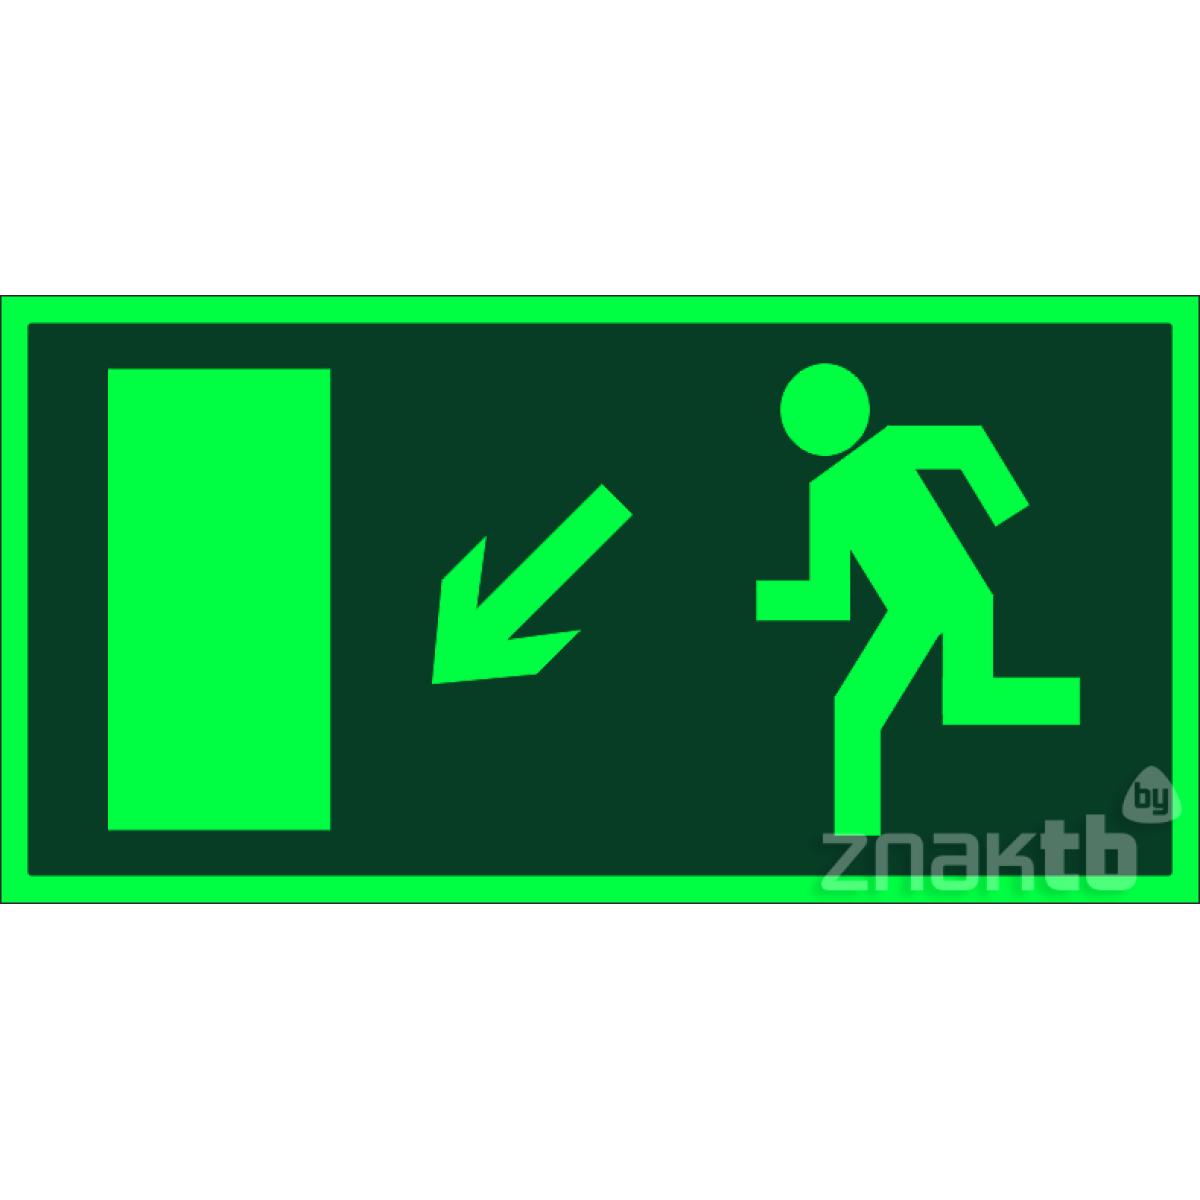 Знак Направление к эвакуационному выходу(по наклонной плоскости налево вниз) фотолюм. код Е08